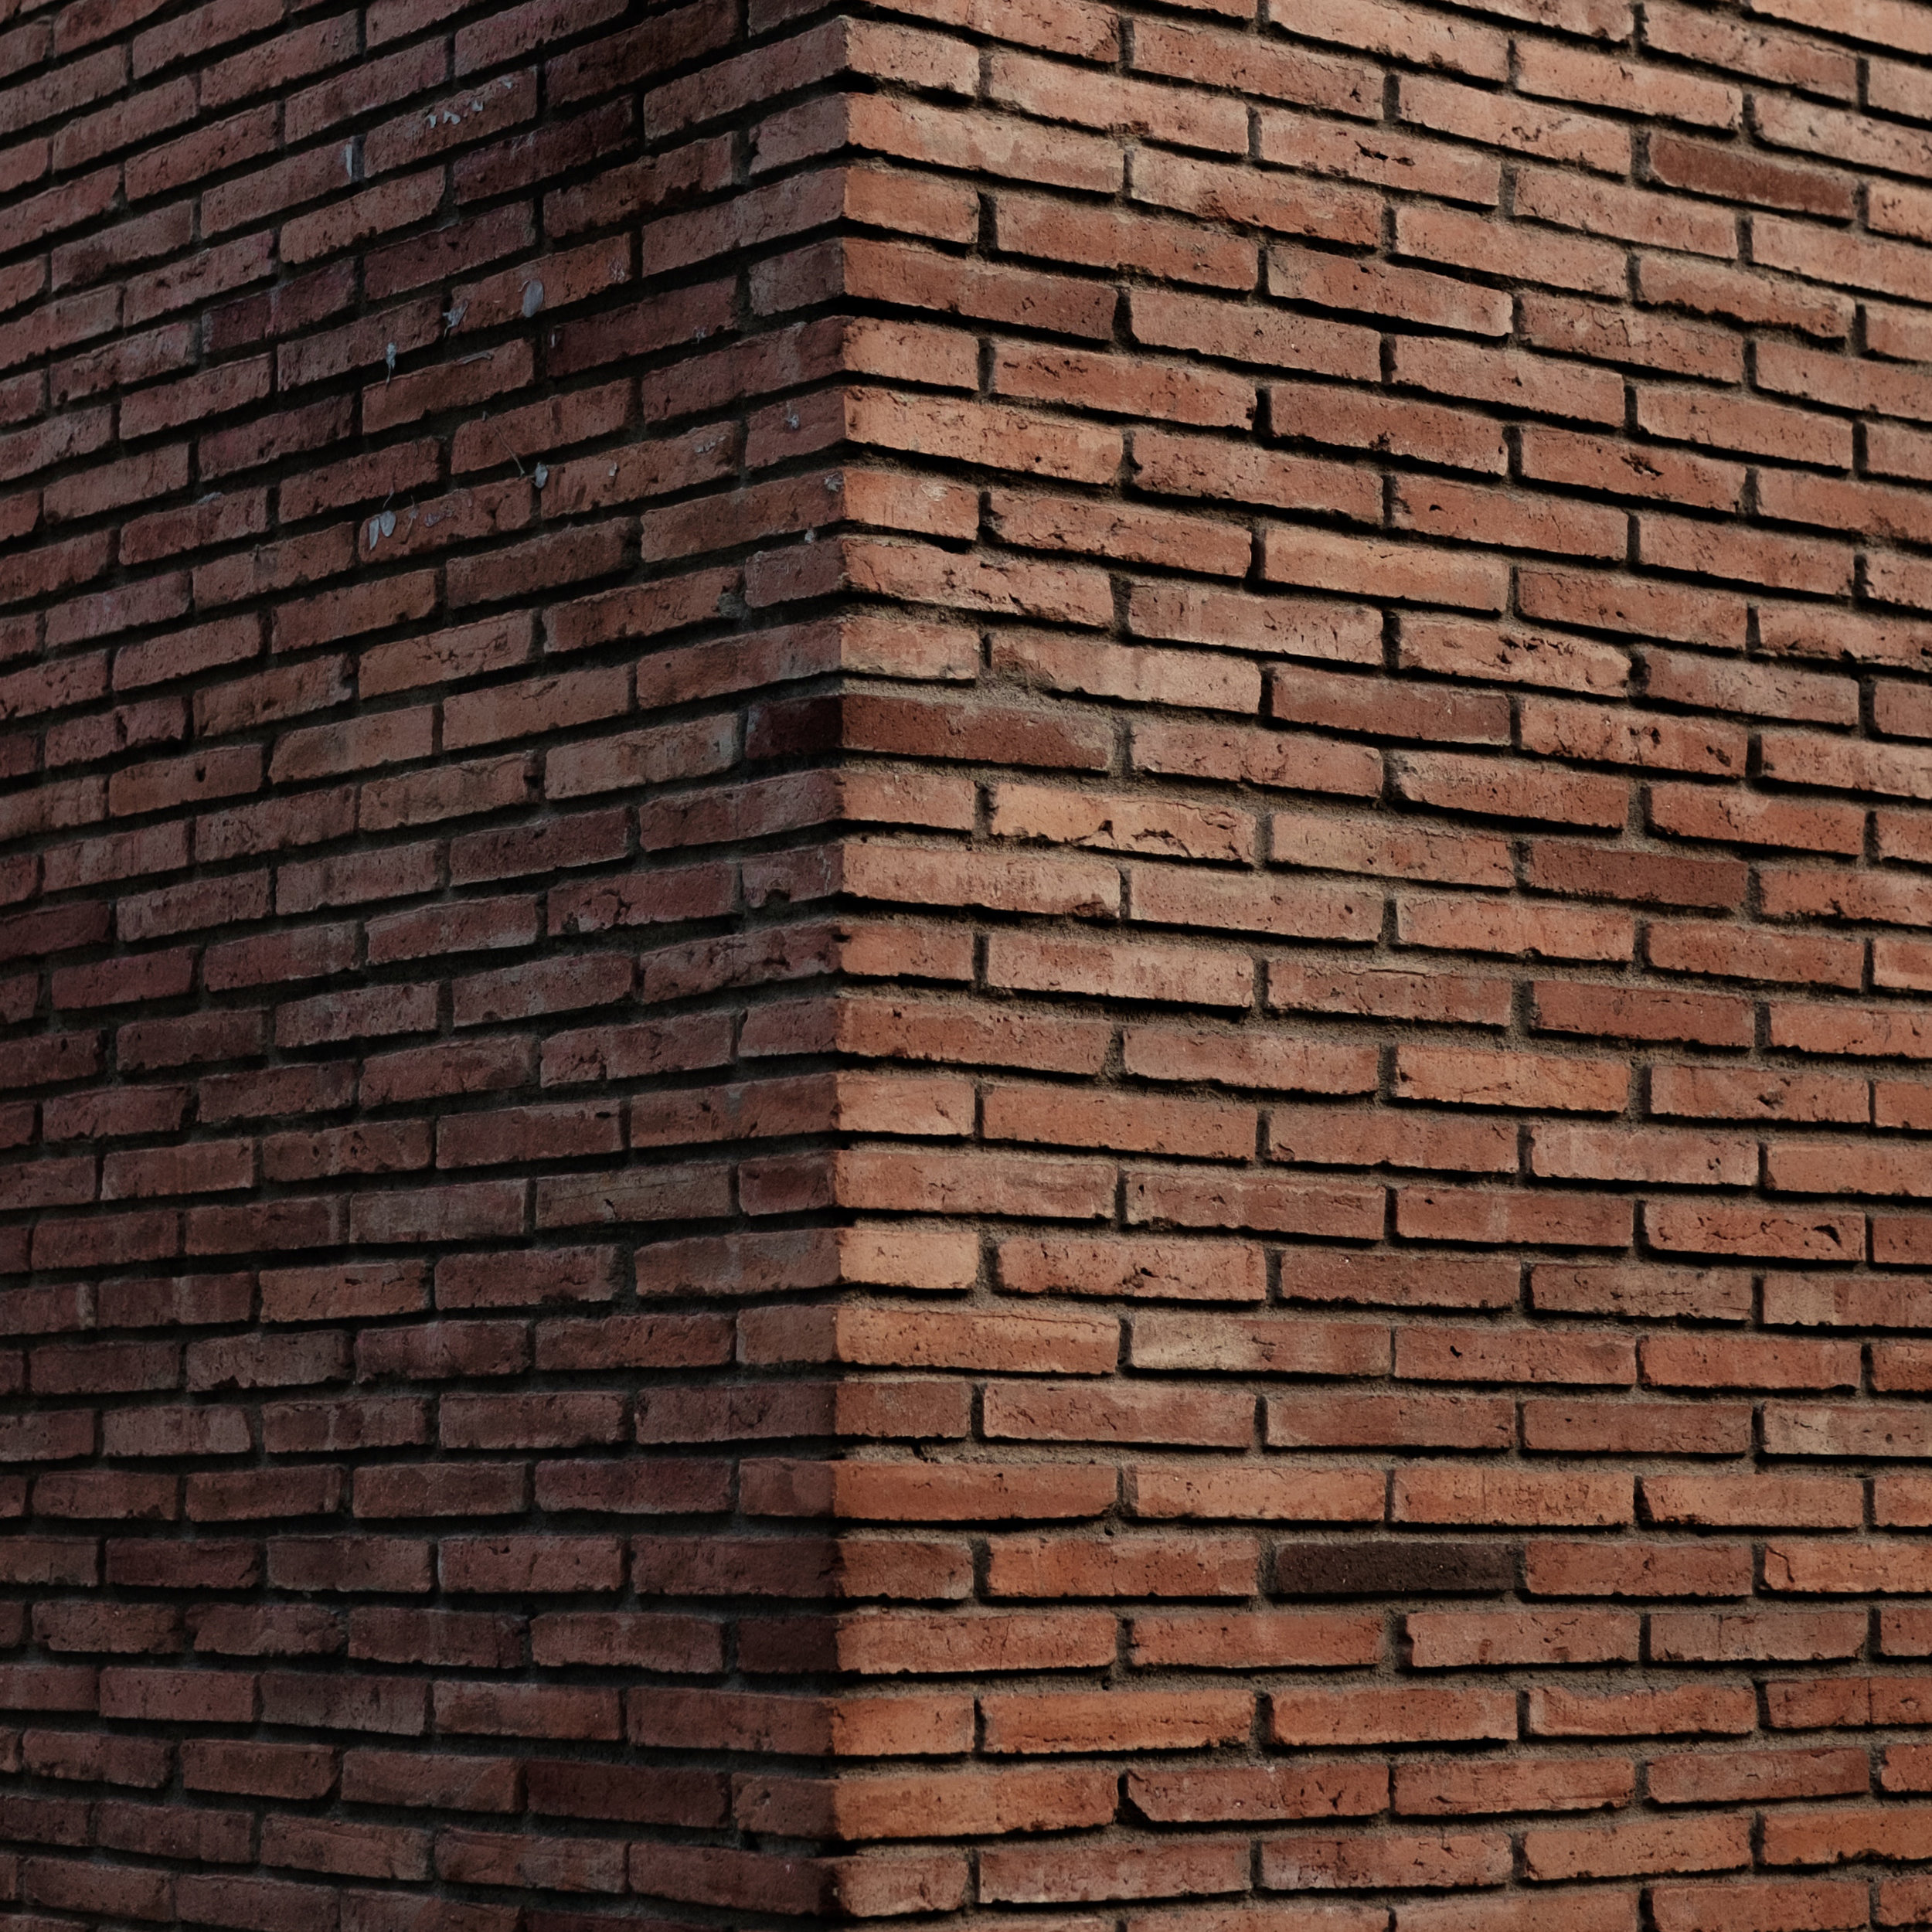 Brick Repair Image